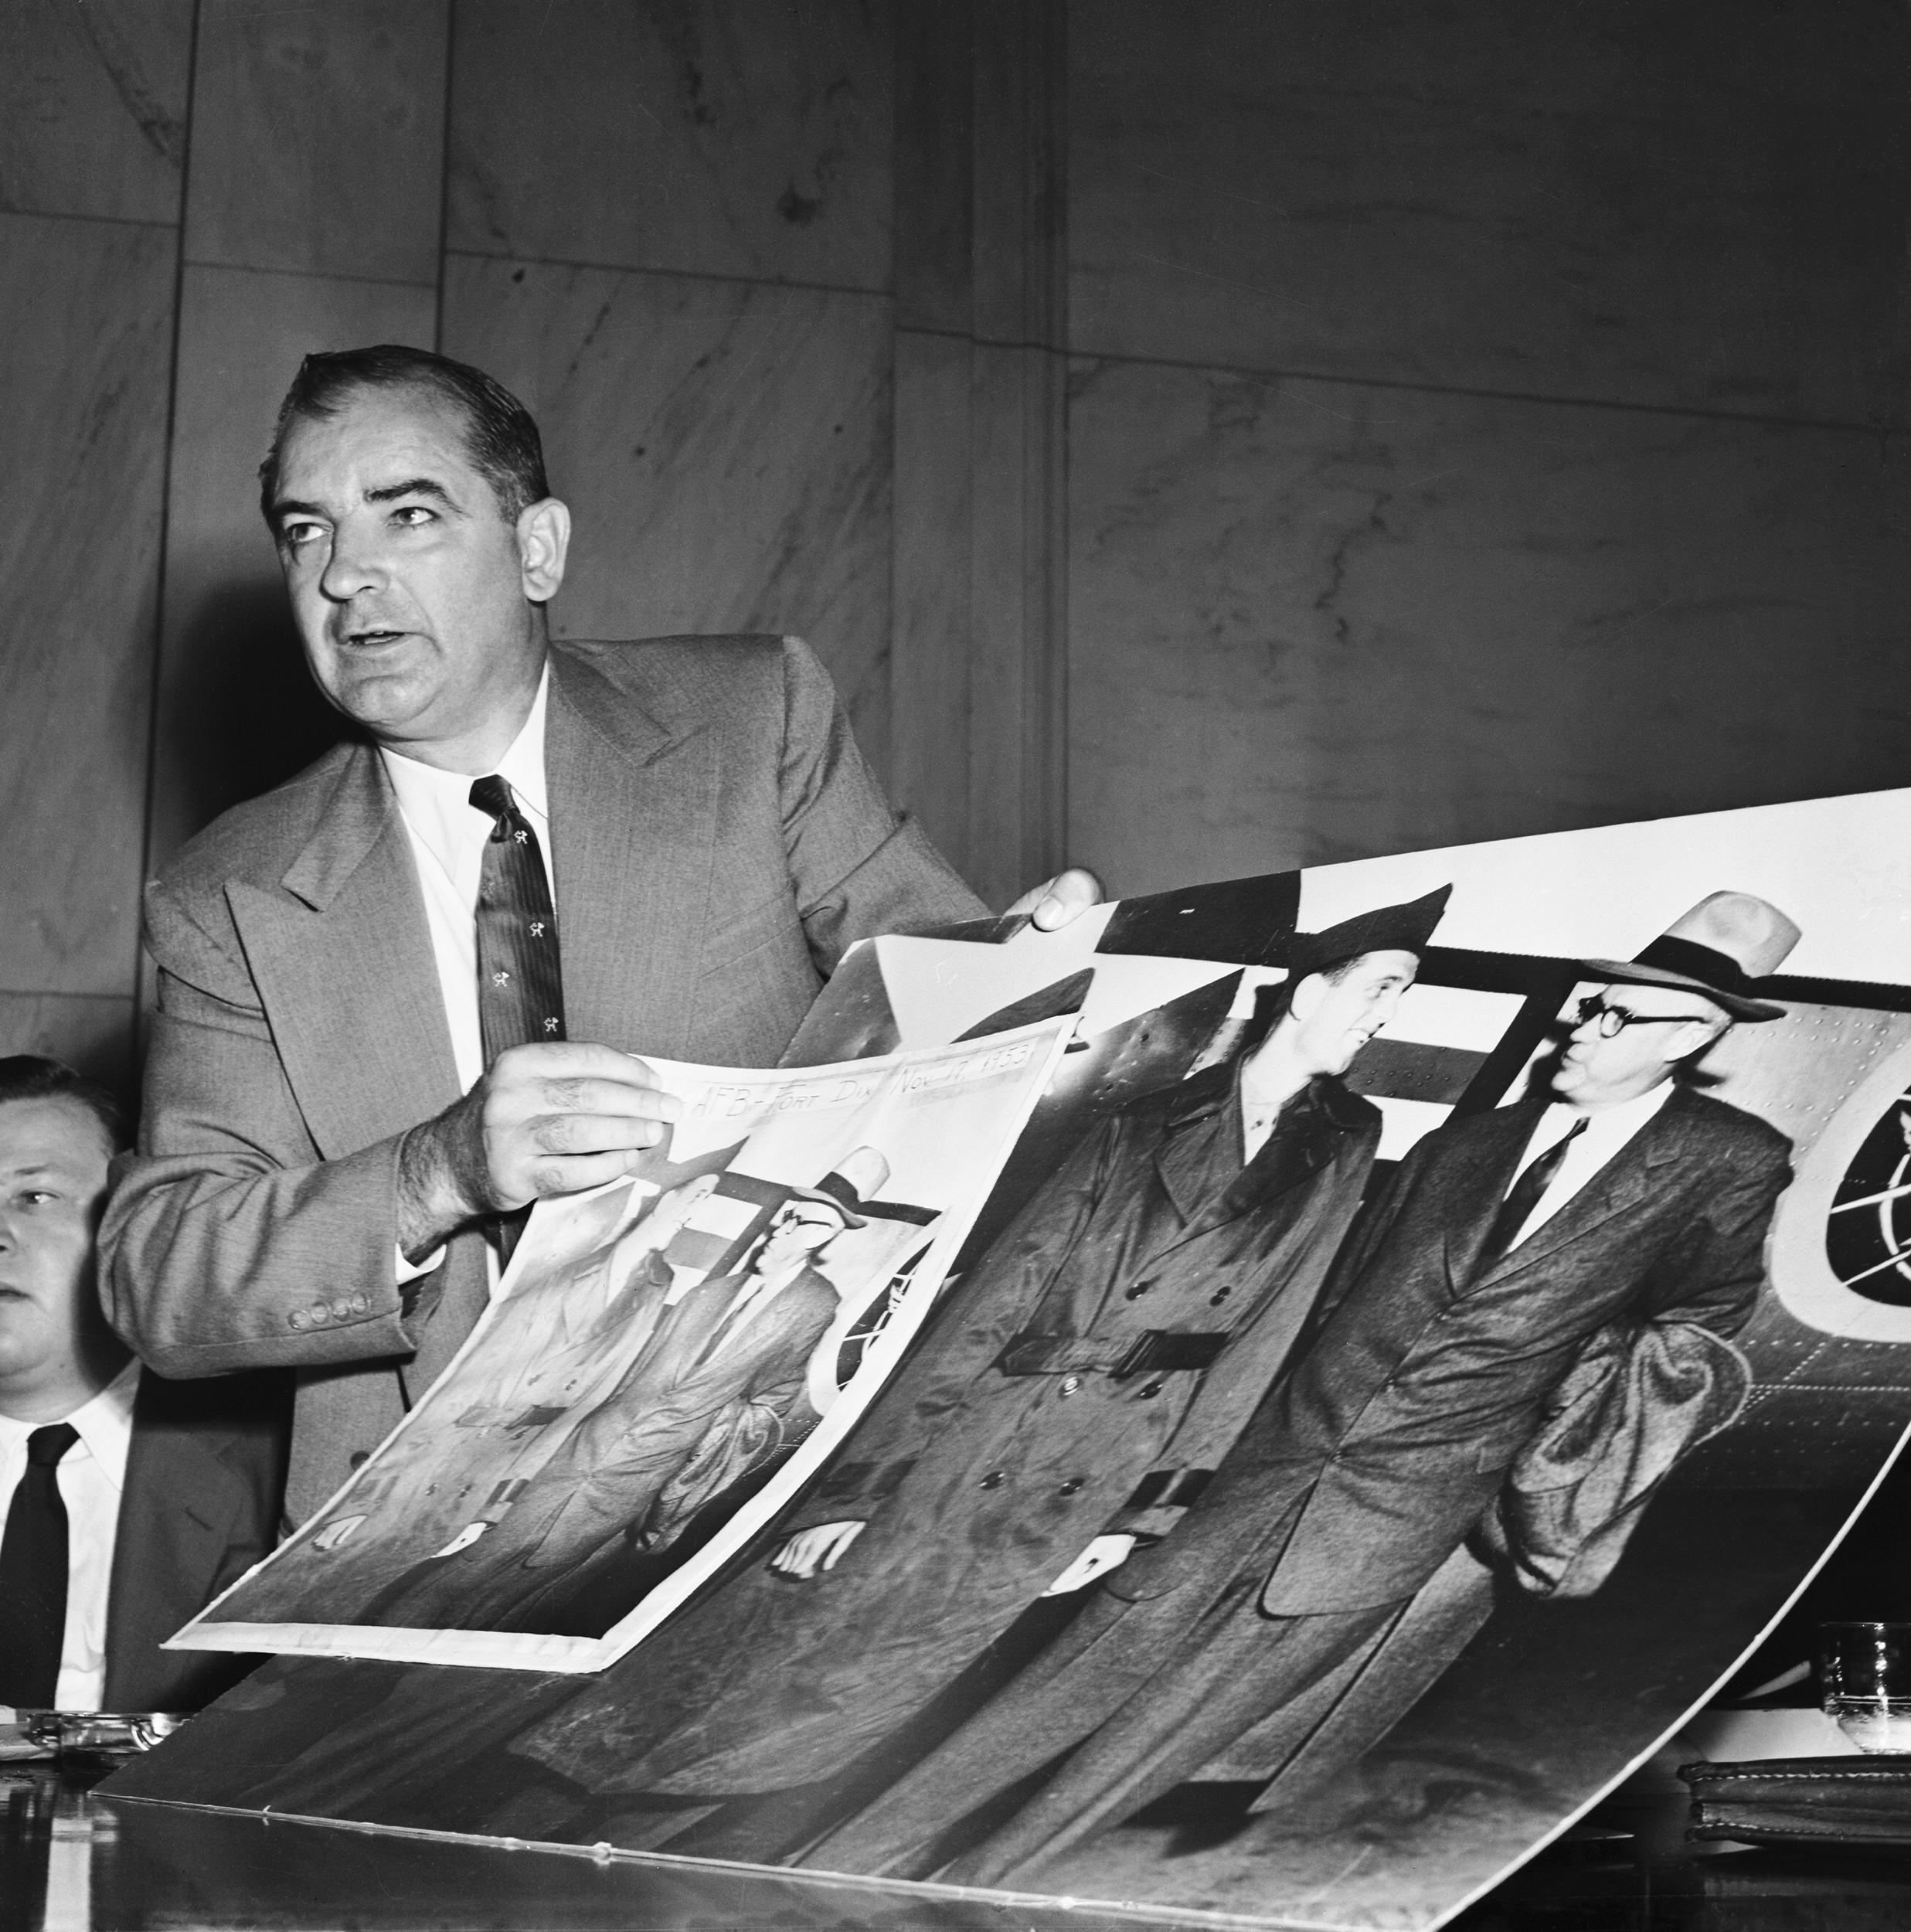 Image: Joseph McCarthy Holding Large Photographs